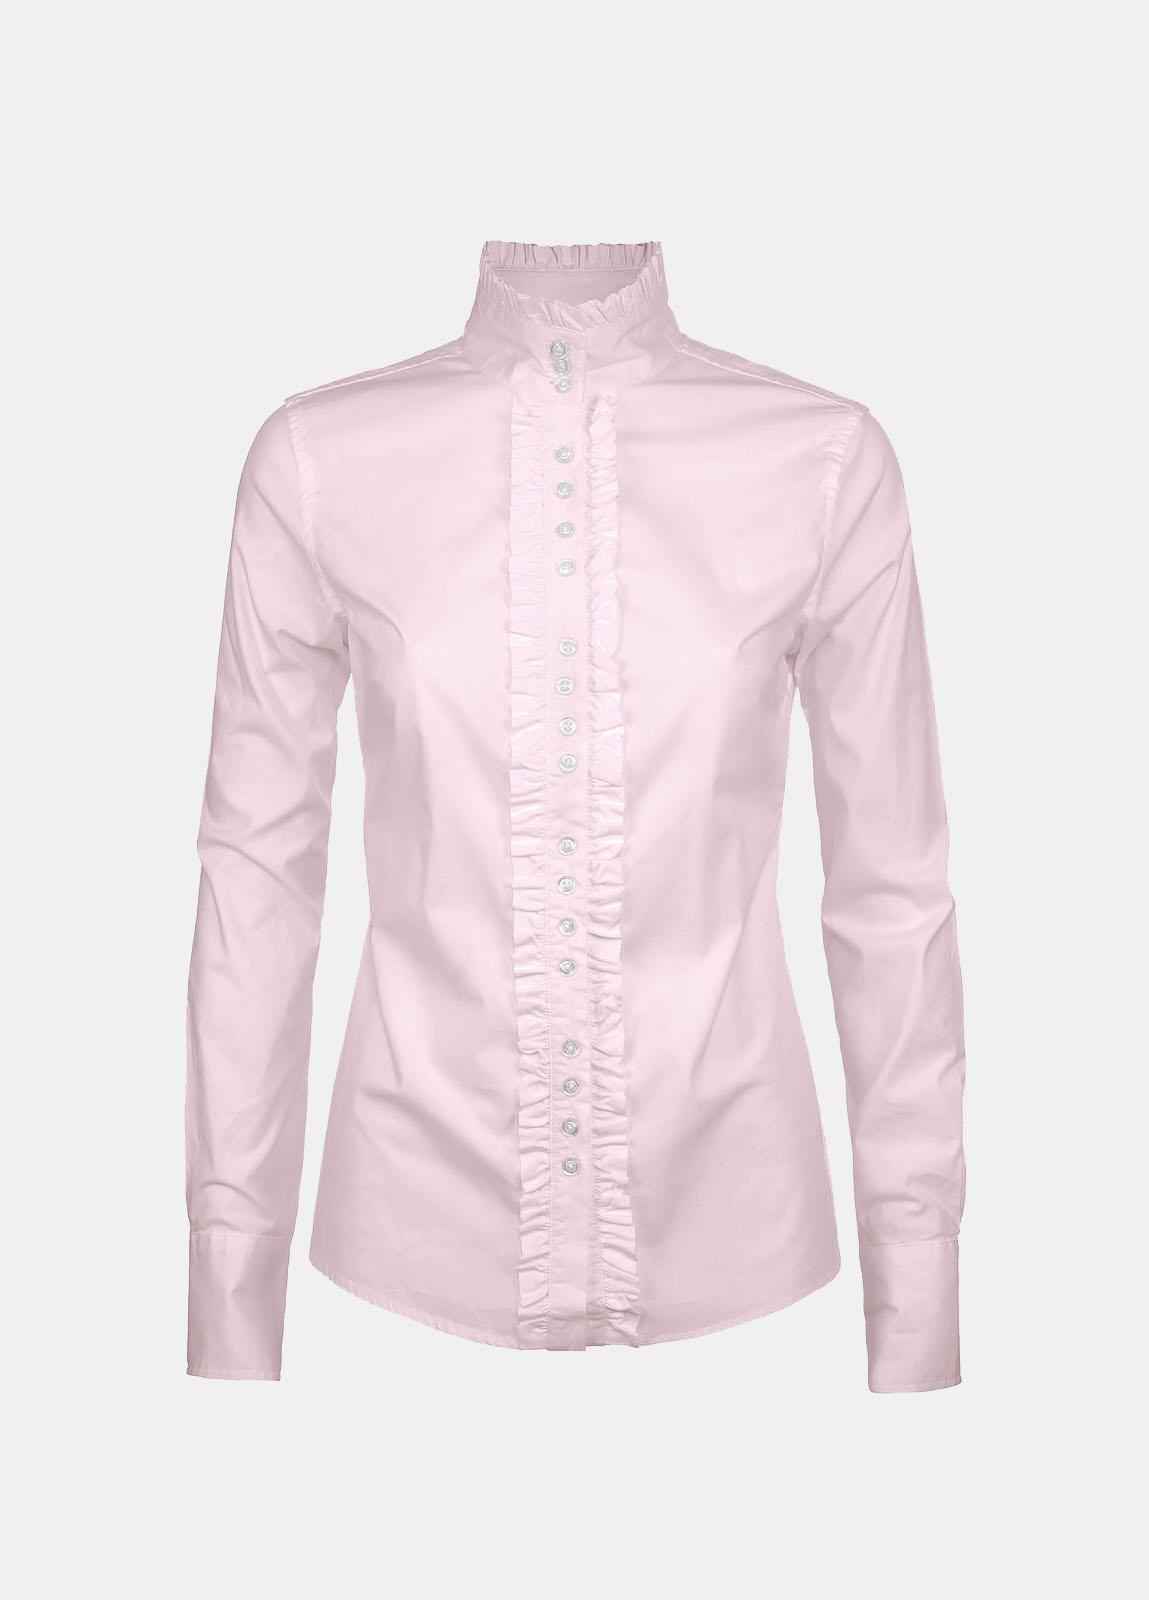 Chamomile Shirt - Pale Pink